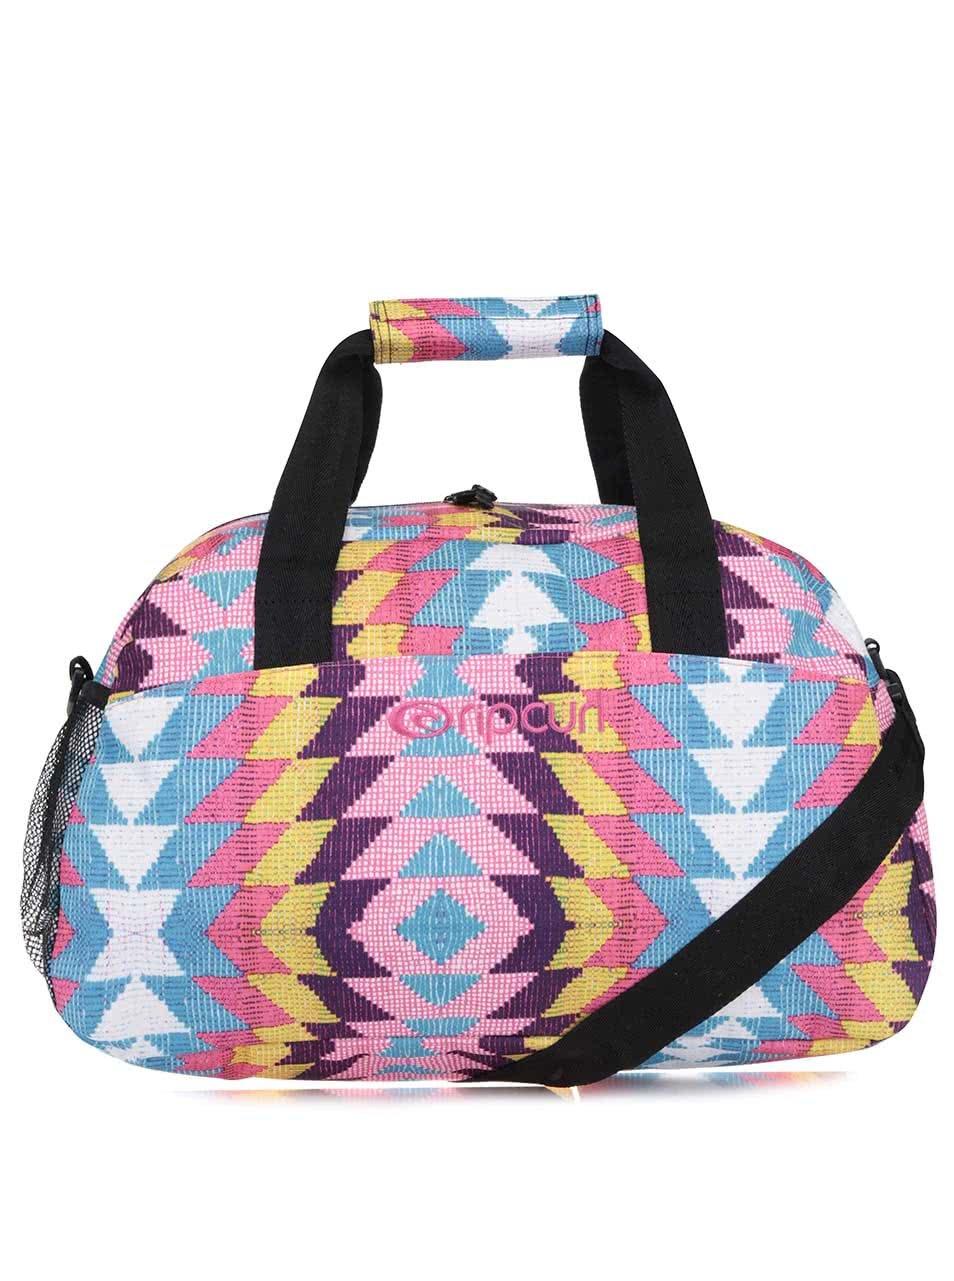 Barevná vzorovaná unisex taška Rip Curl Phoenix